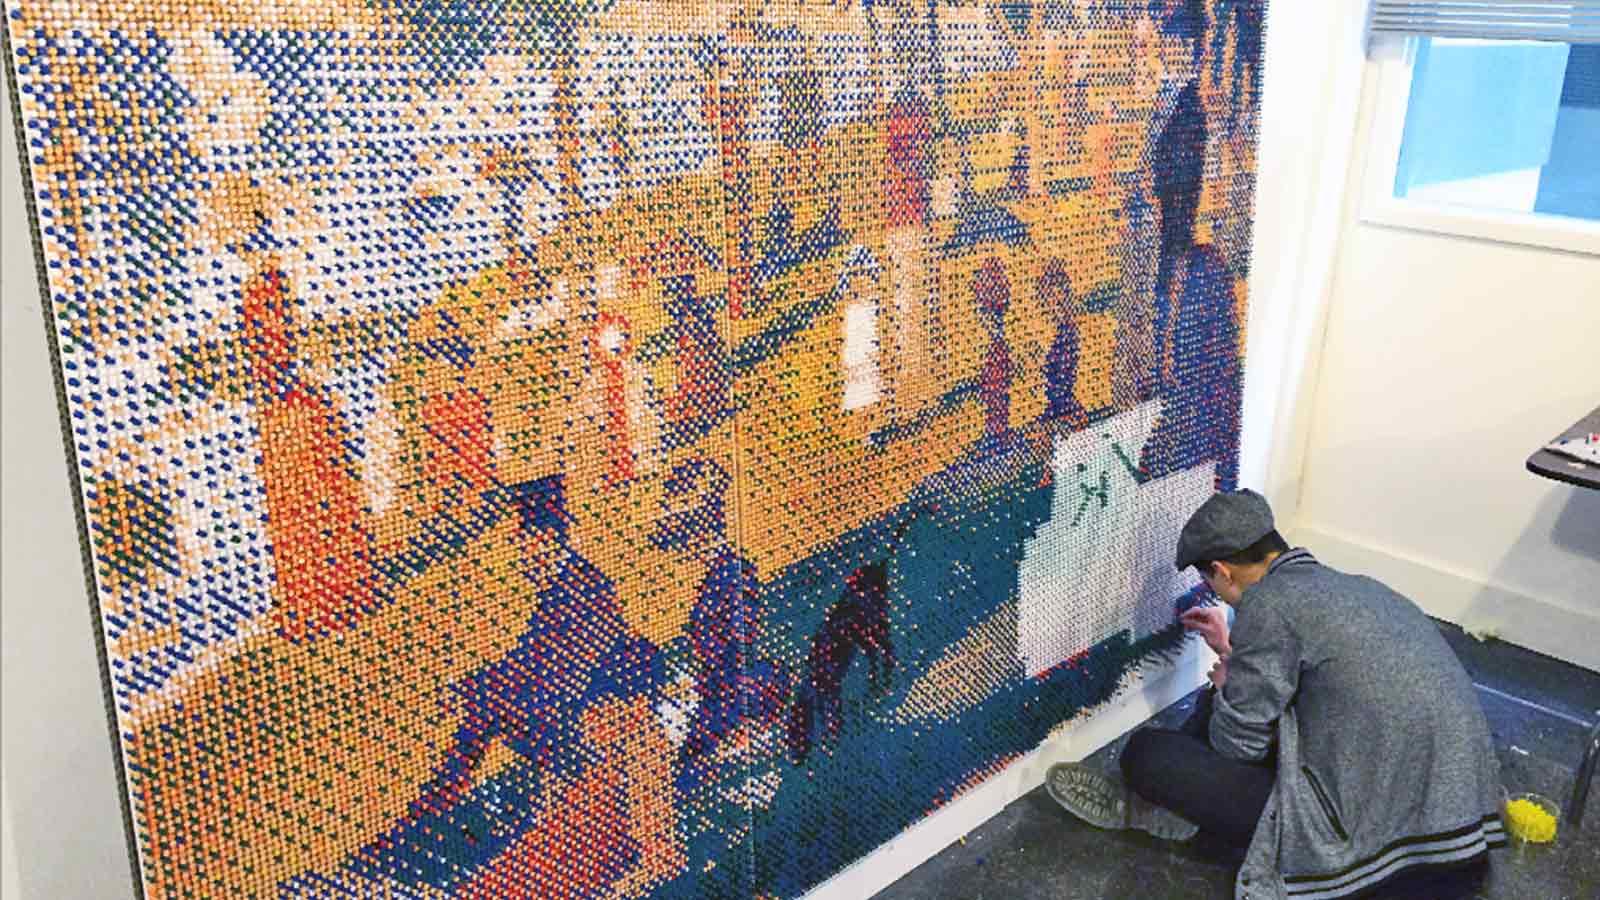 Toronto School of Art | Campagne « œuvre d'art en punaises » | Médias sociaux, Production vidéo, Publicité, Stratégie de marque